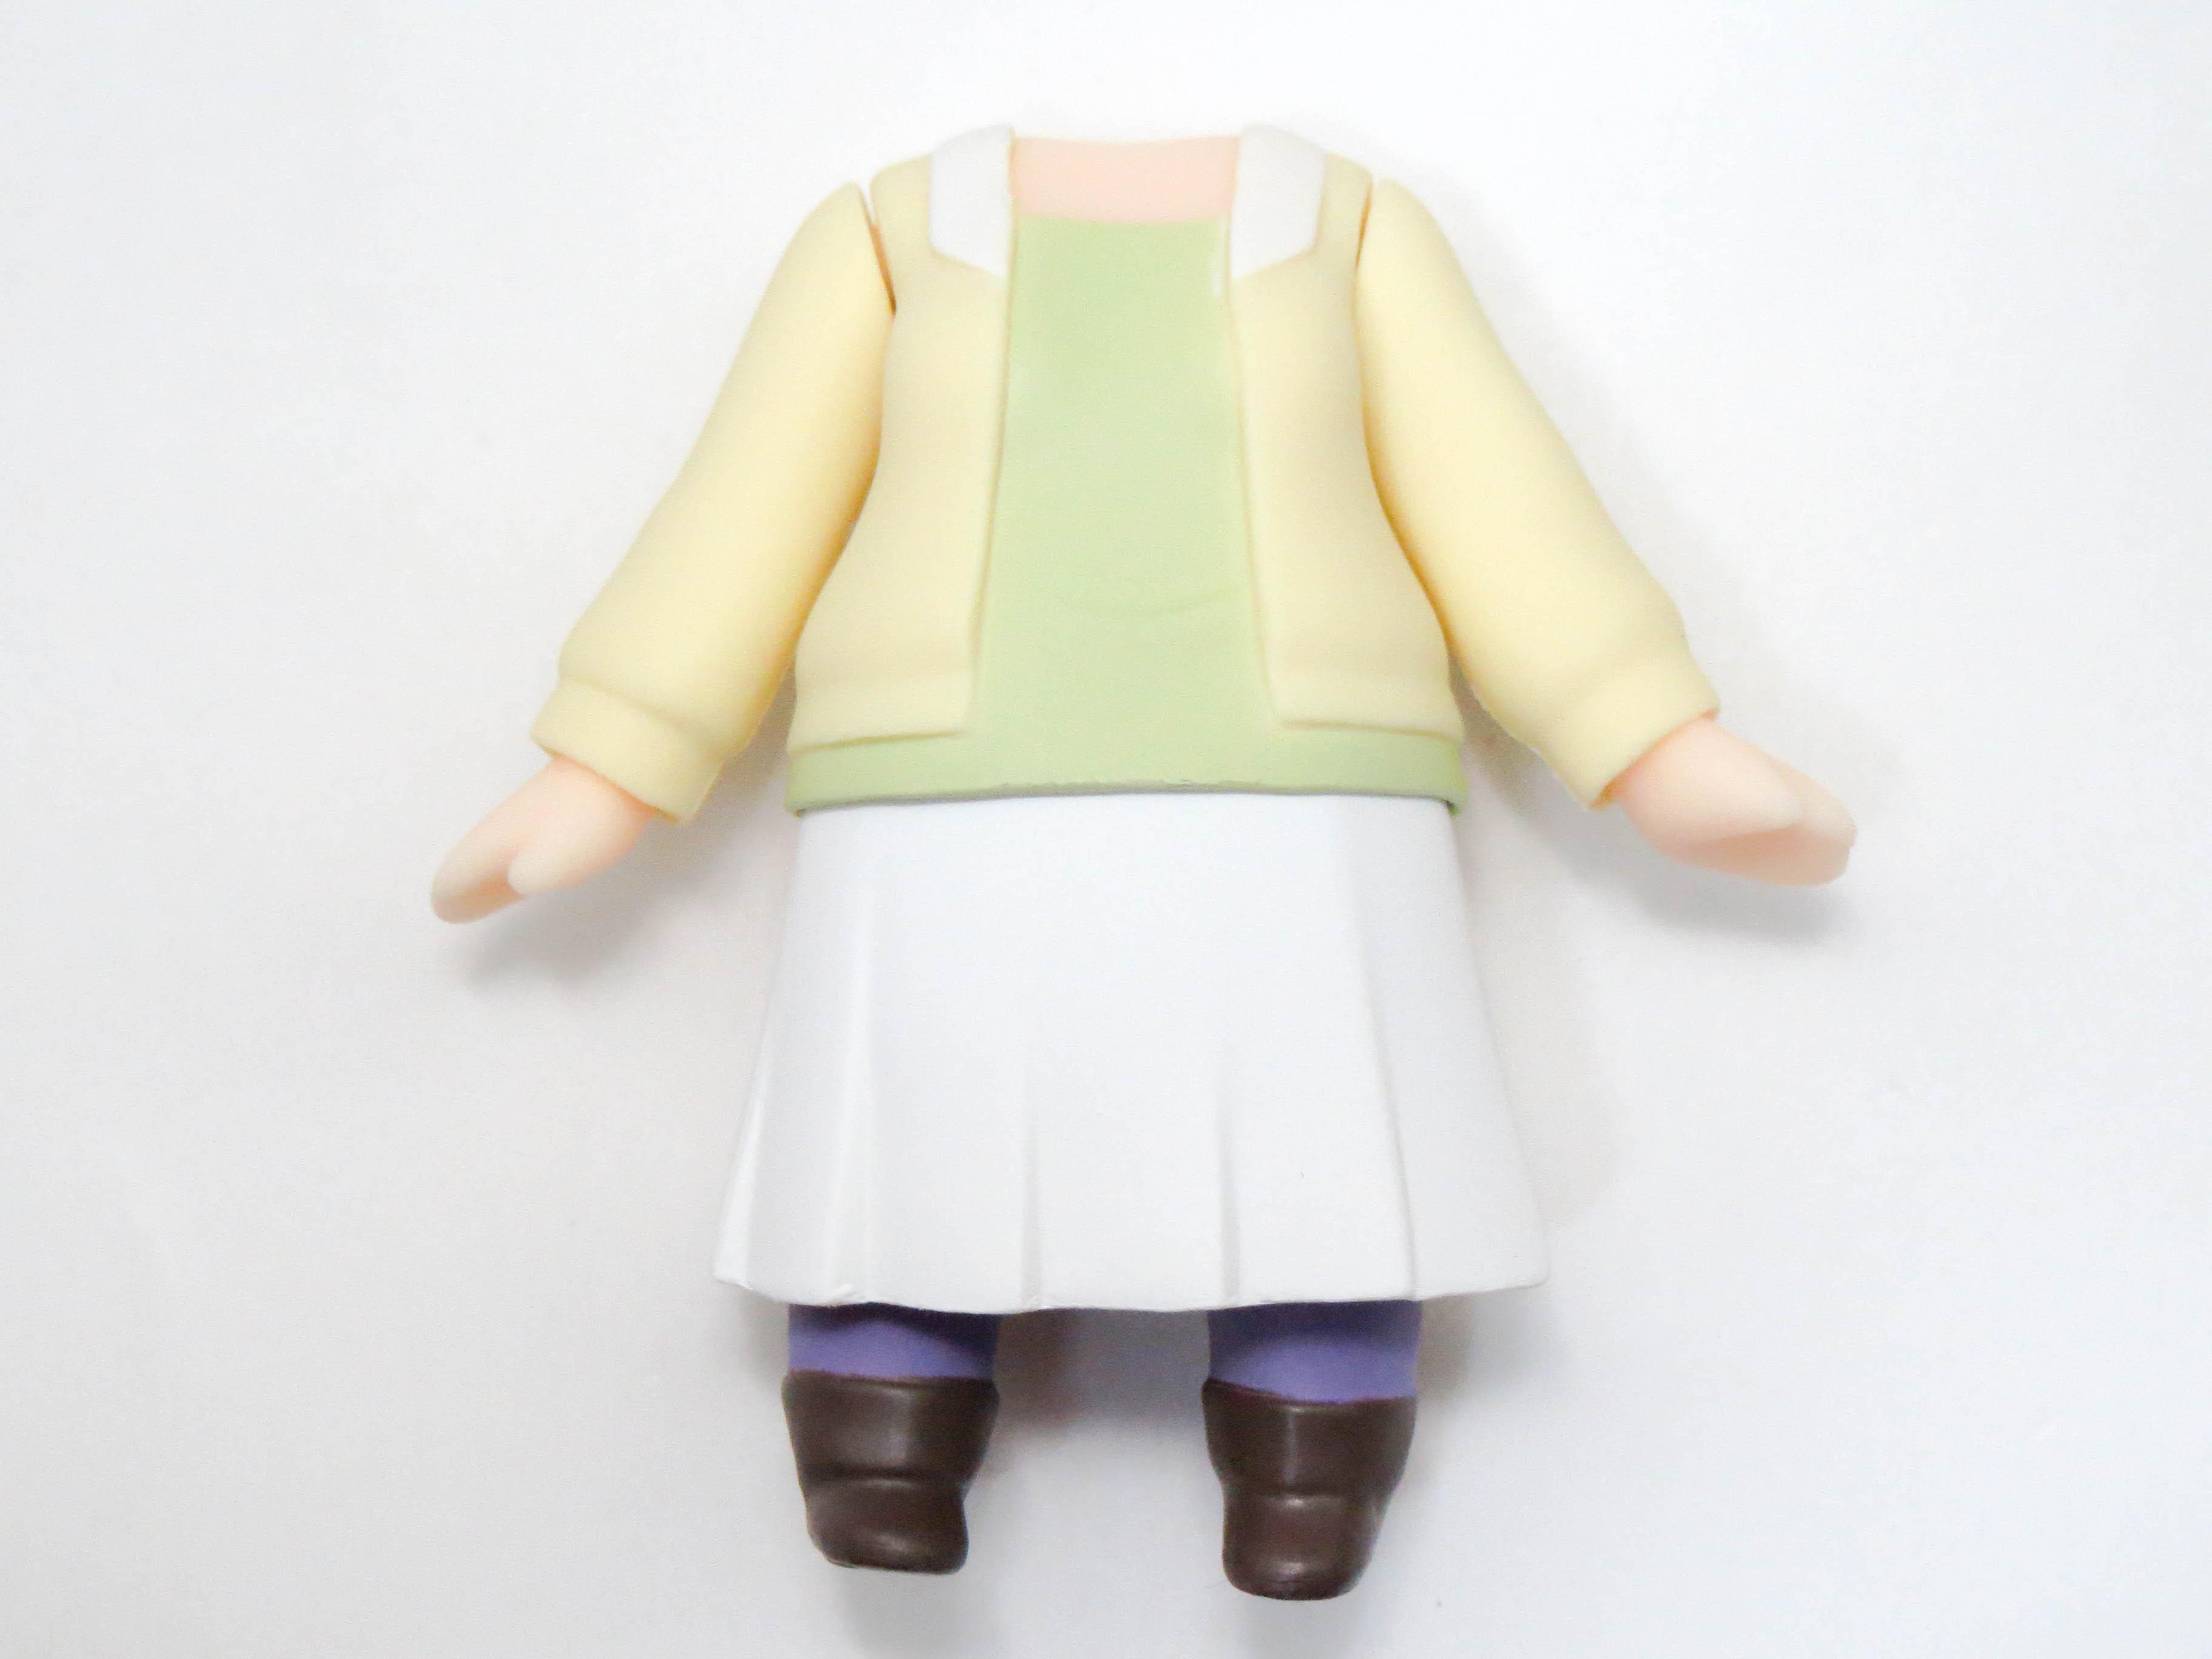 【SALE】【601】 一ノ瀬双葉 体パーツ 私服 ねんどろいど